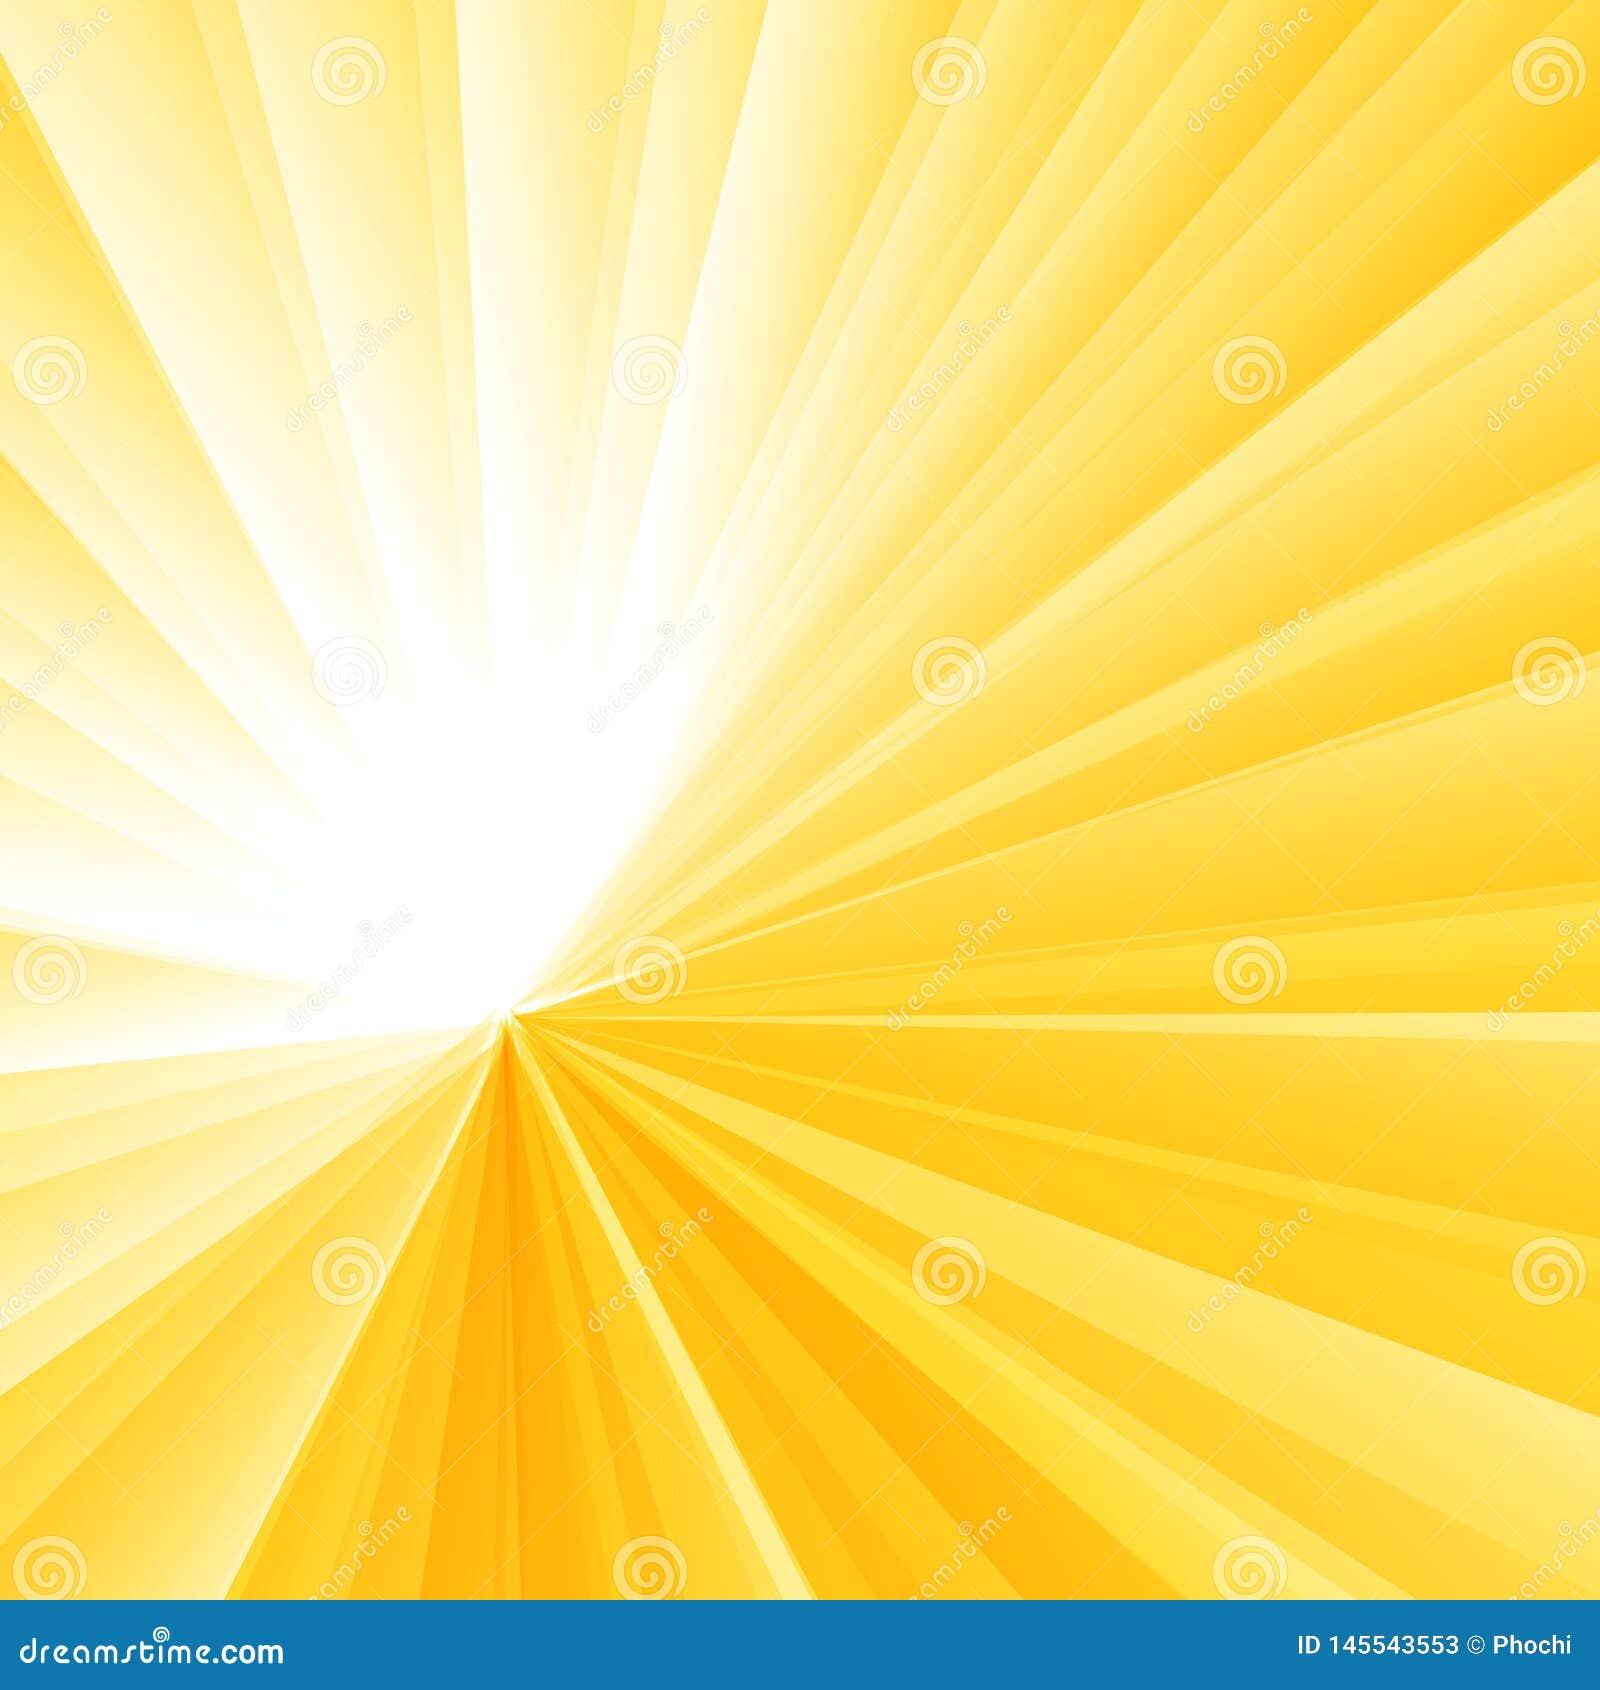 Предпосылка градиента абстрактного светлого взрыва желтая радиальная Sunburst картина лучей